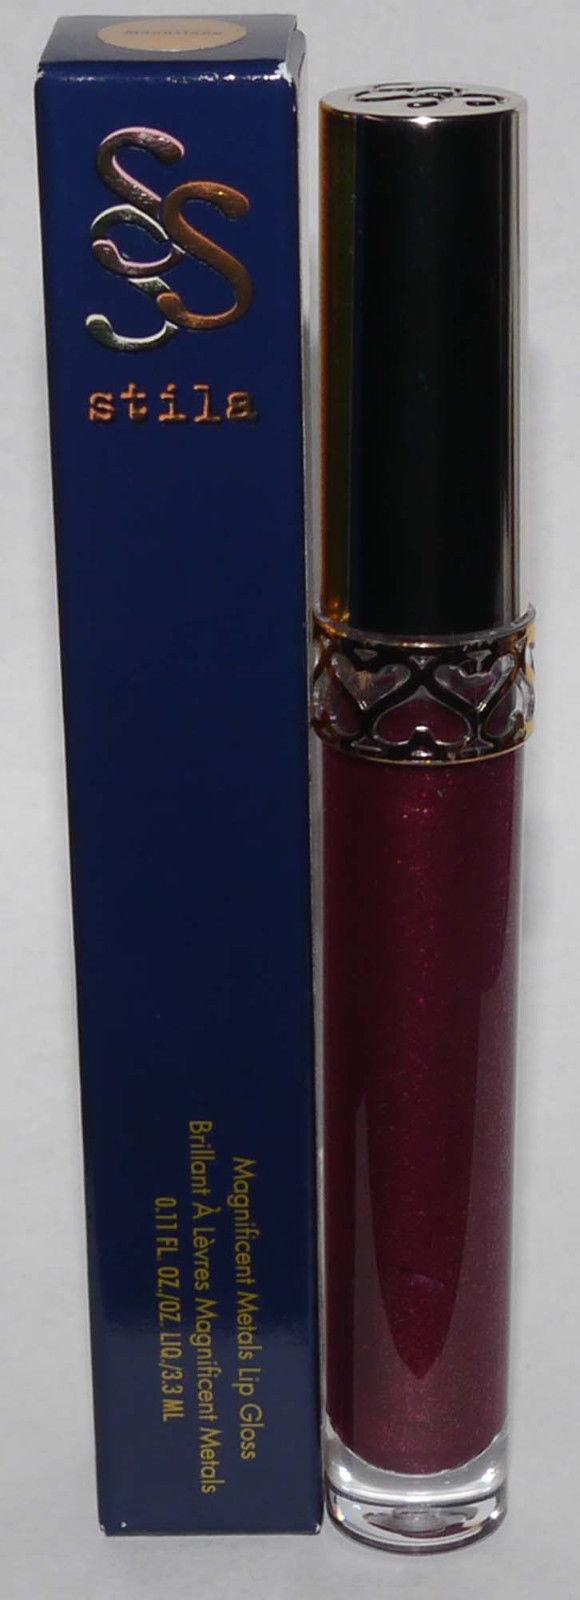 Stila Magnificent Metals Lip Gloss 0.11 oz -Garnet 14537